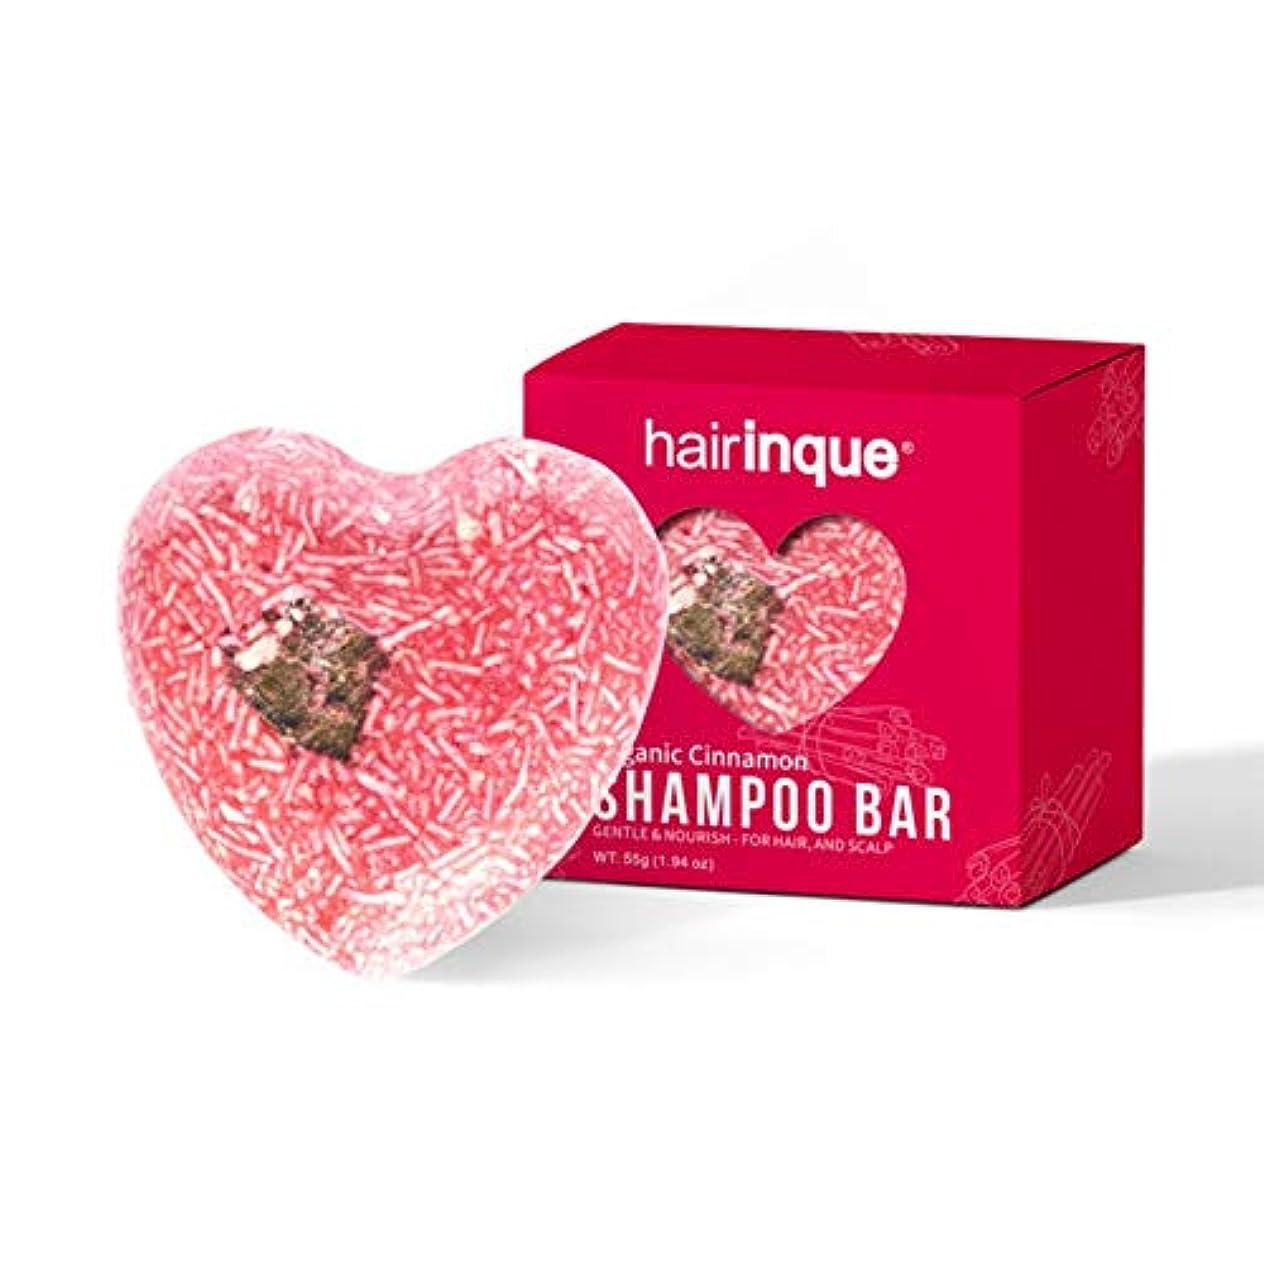 強化二度振り子シャンプー シャンプー石鹸 栄養 脱毛 シャンプーソープ 天然成分 化学薬品防腐剤なし シャンプーソープ ヘアケア Cutelove